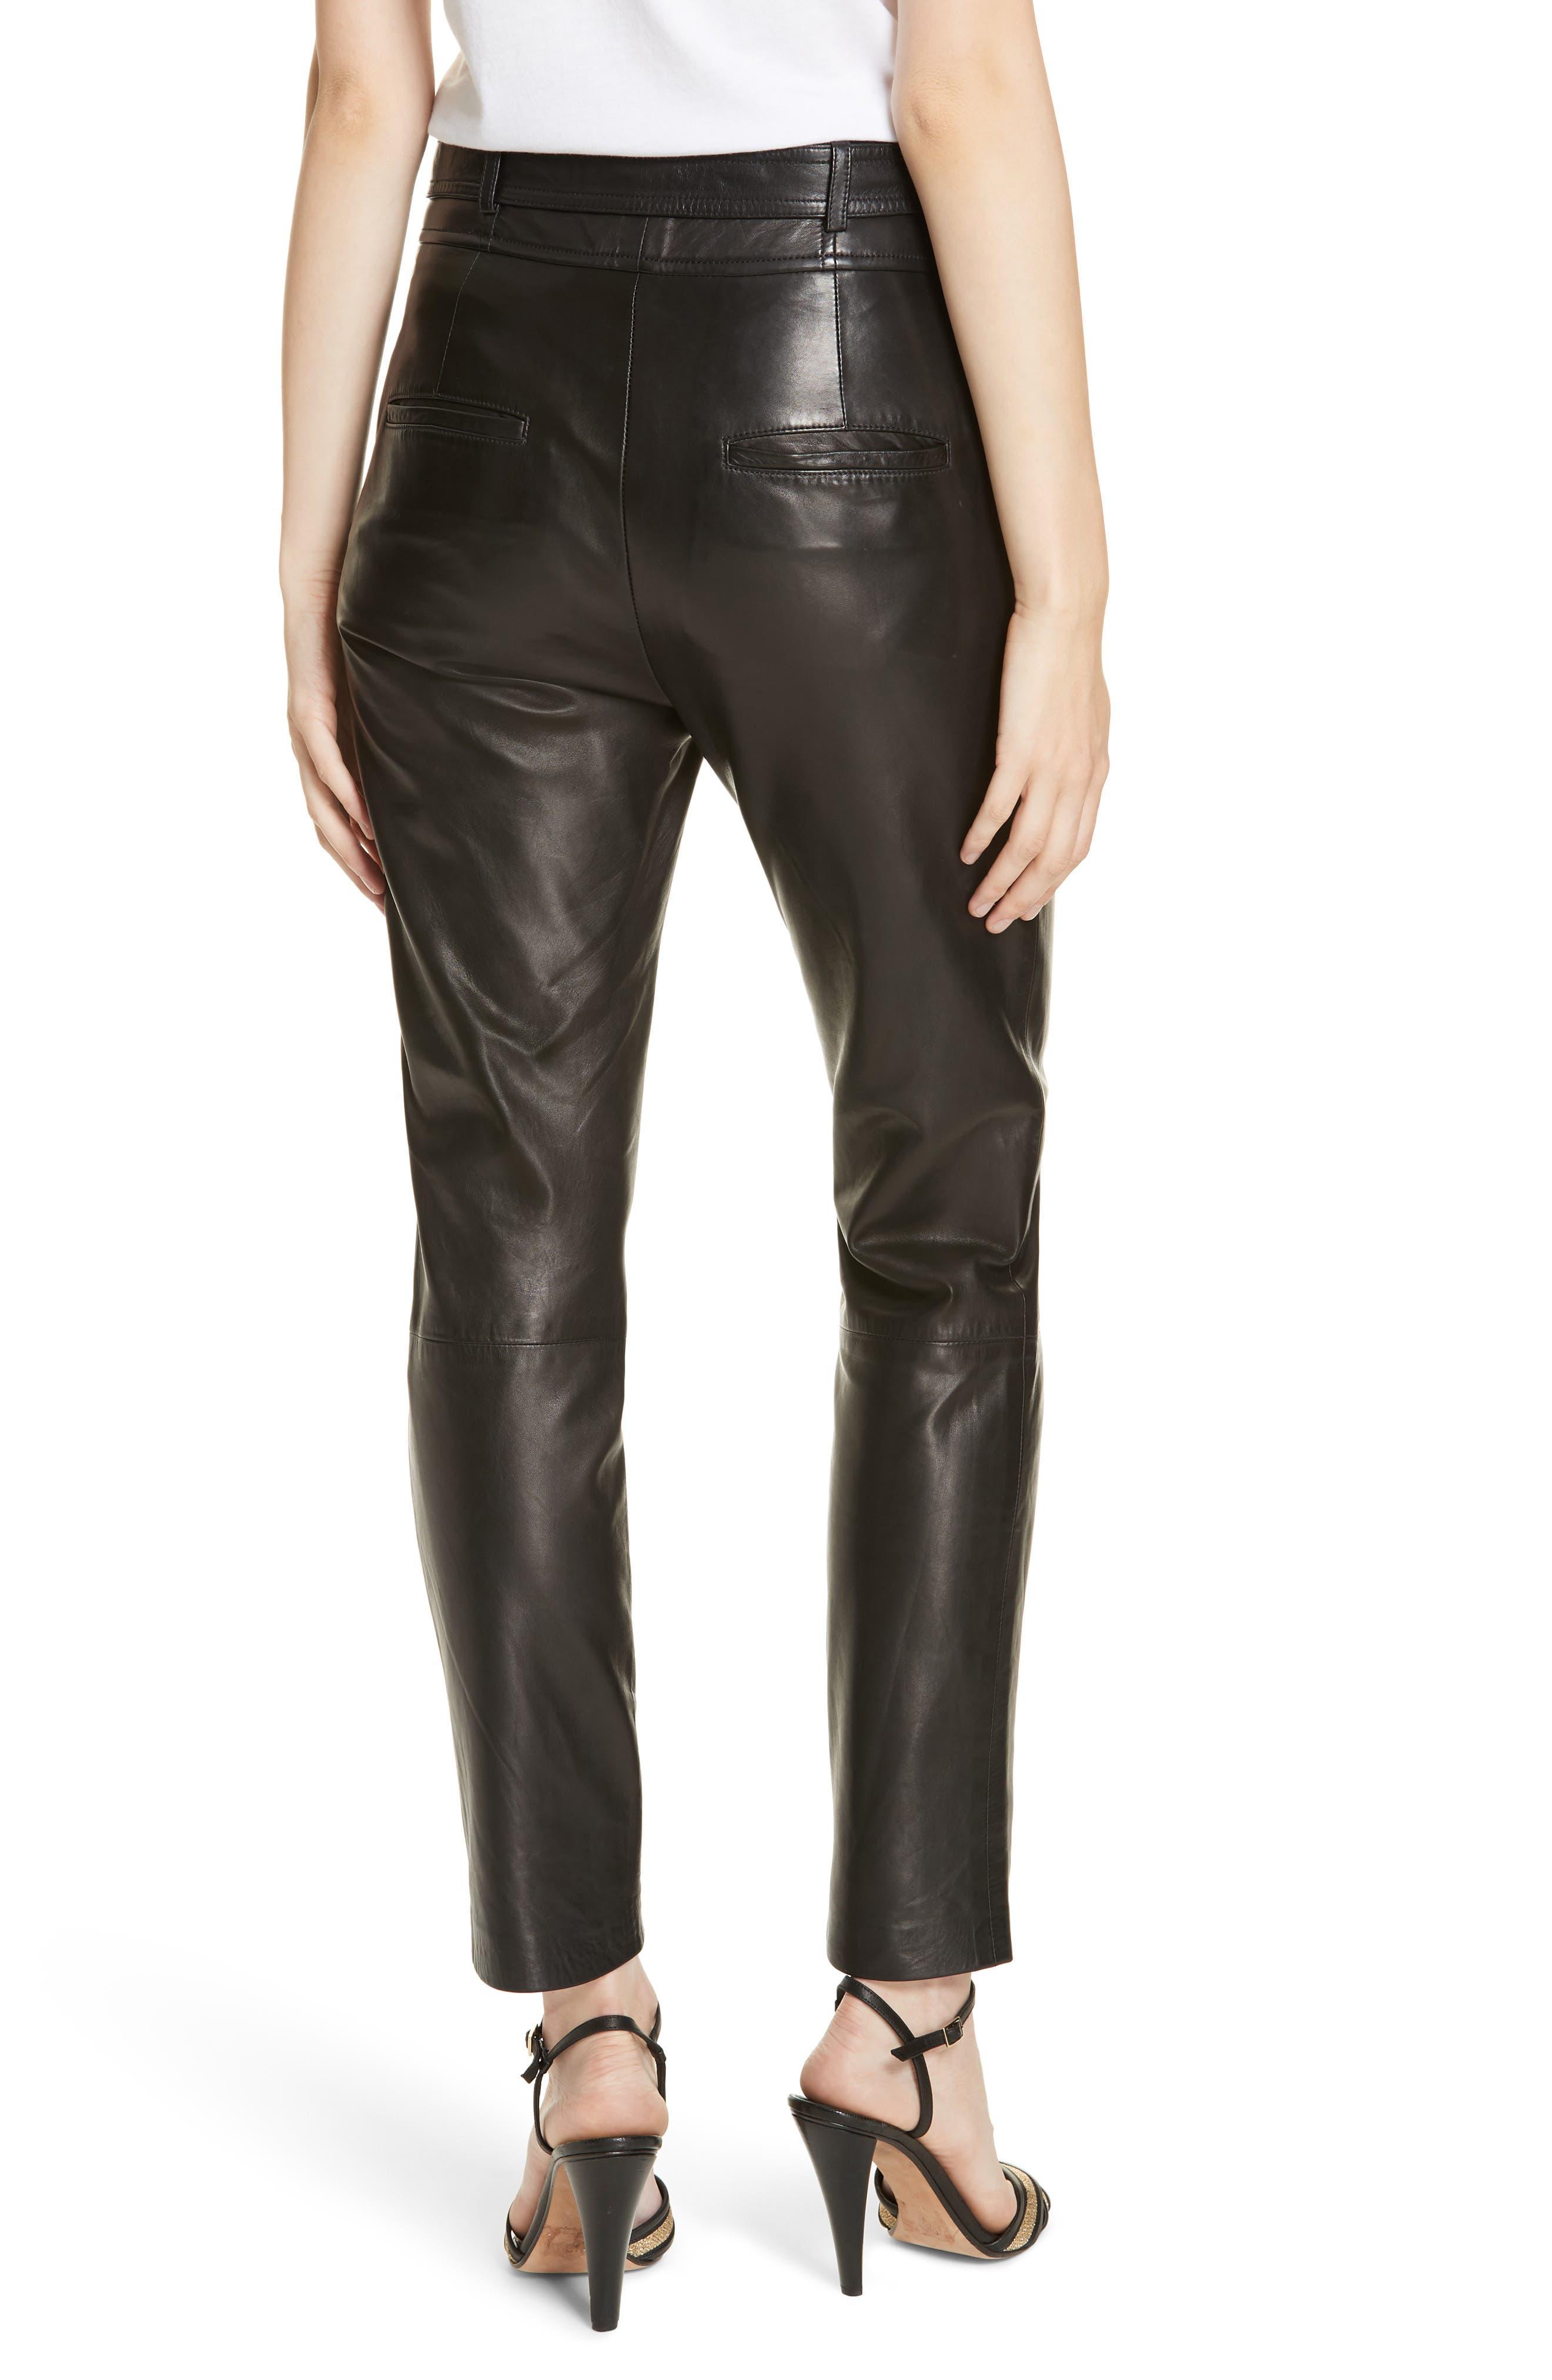 Faxon Leather Pants,                             Alternate thumbnail 2, color,                             BLACK